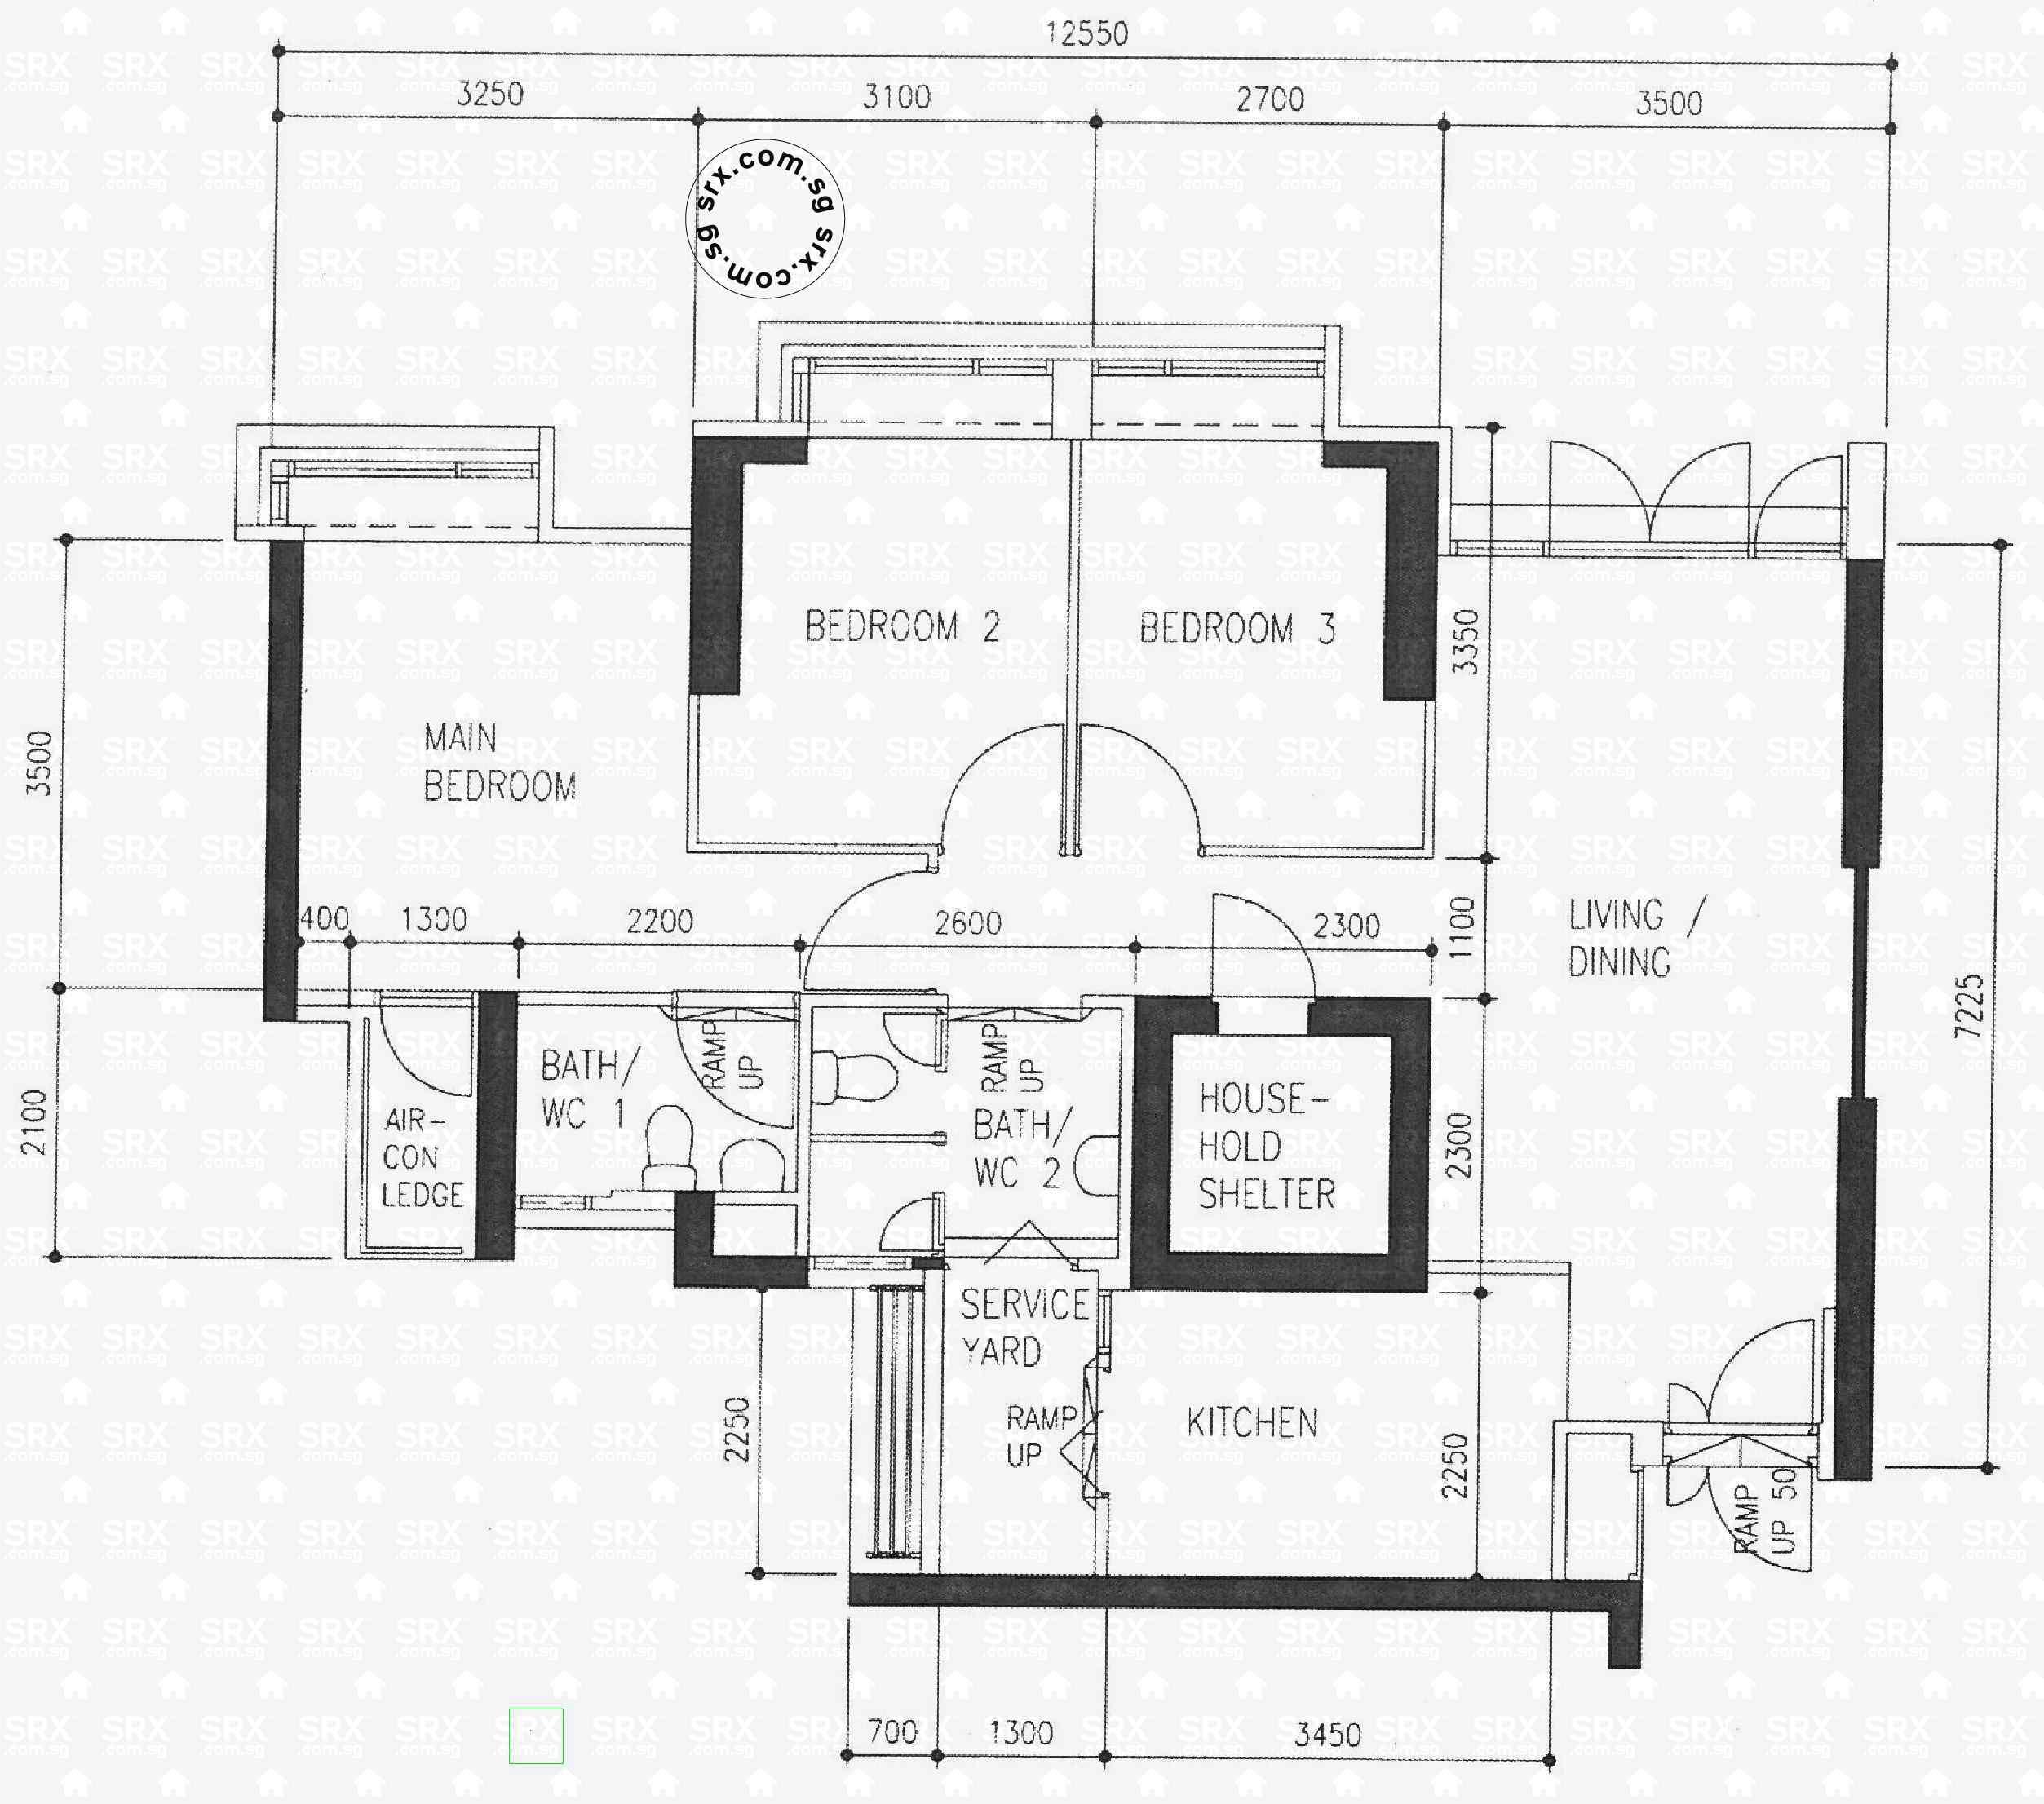 Floor Plans for 420 Clementi Avenue 1 (S)120420 HDB Details | SRX ...